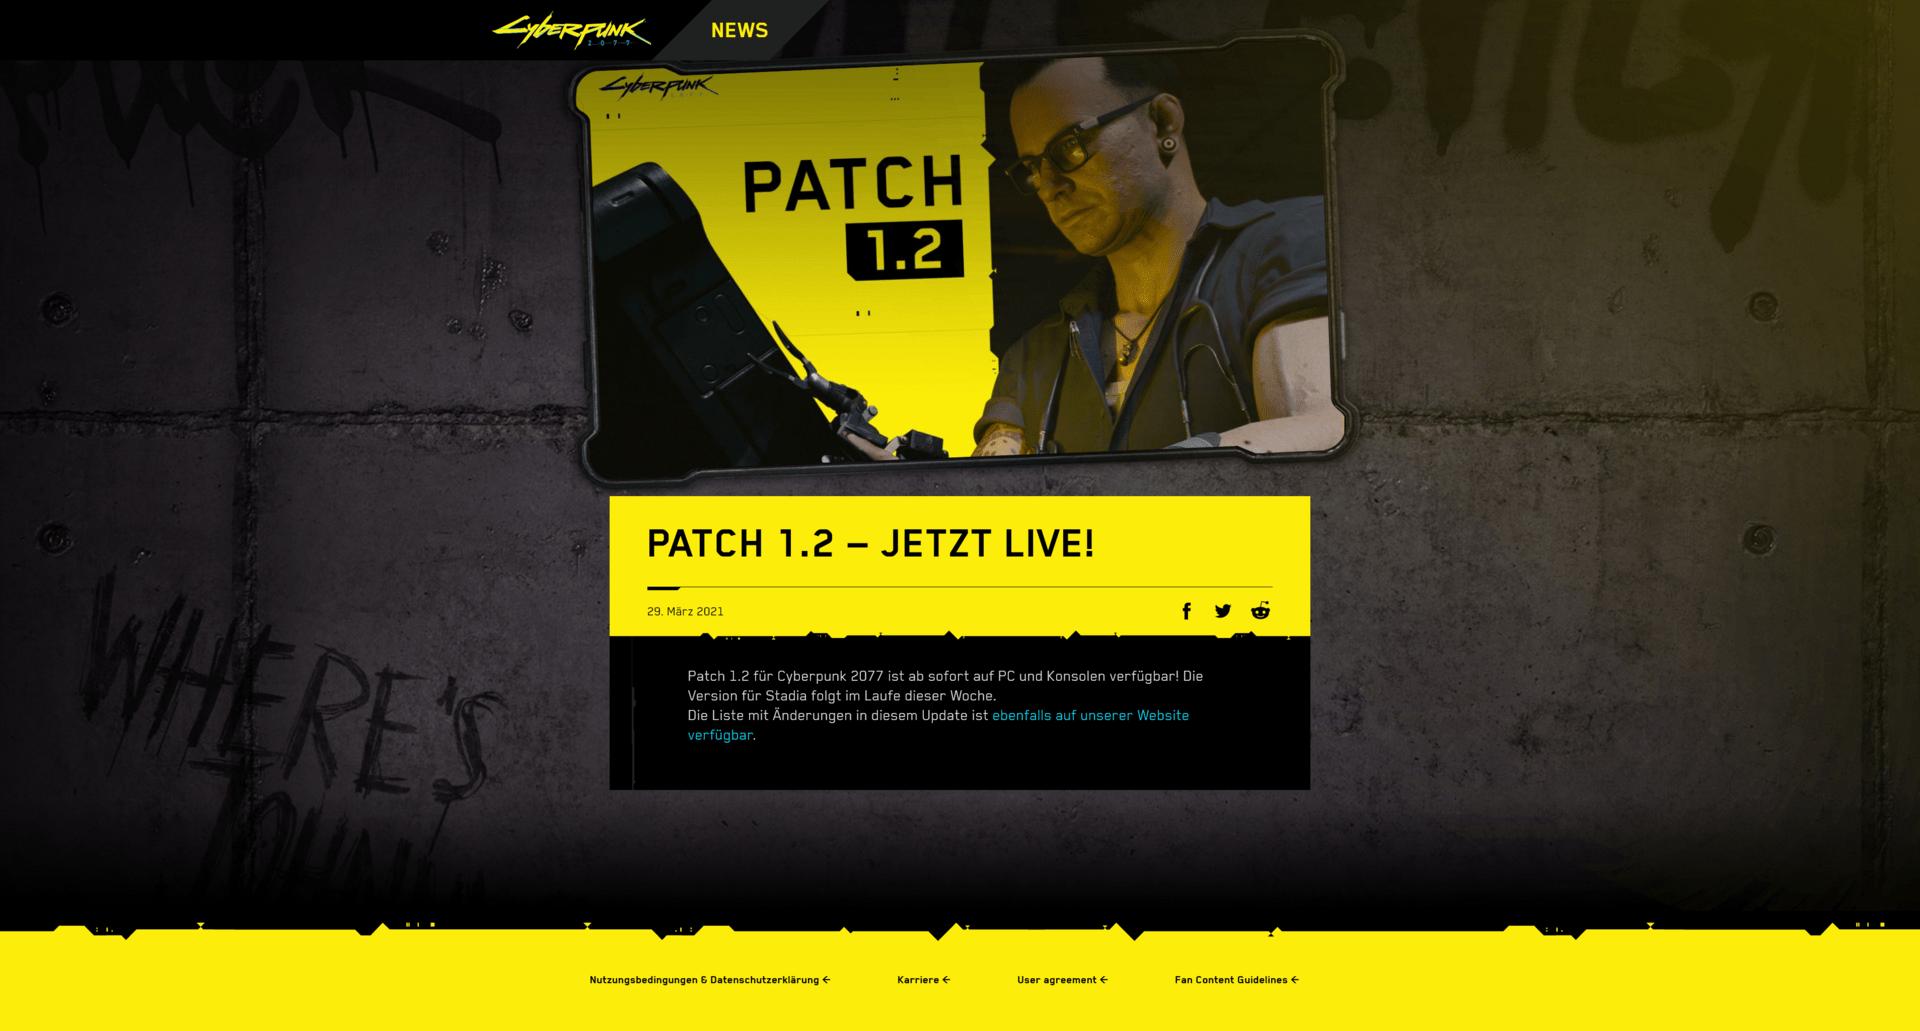 Der Patch 1.2 für Cyberpunk 2077 ist live